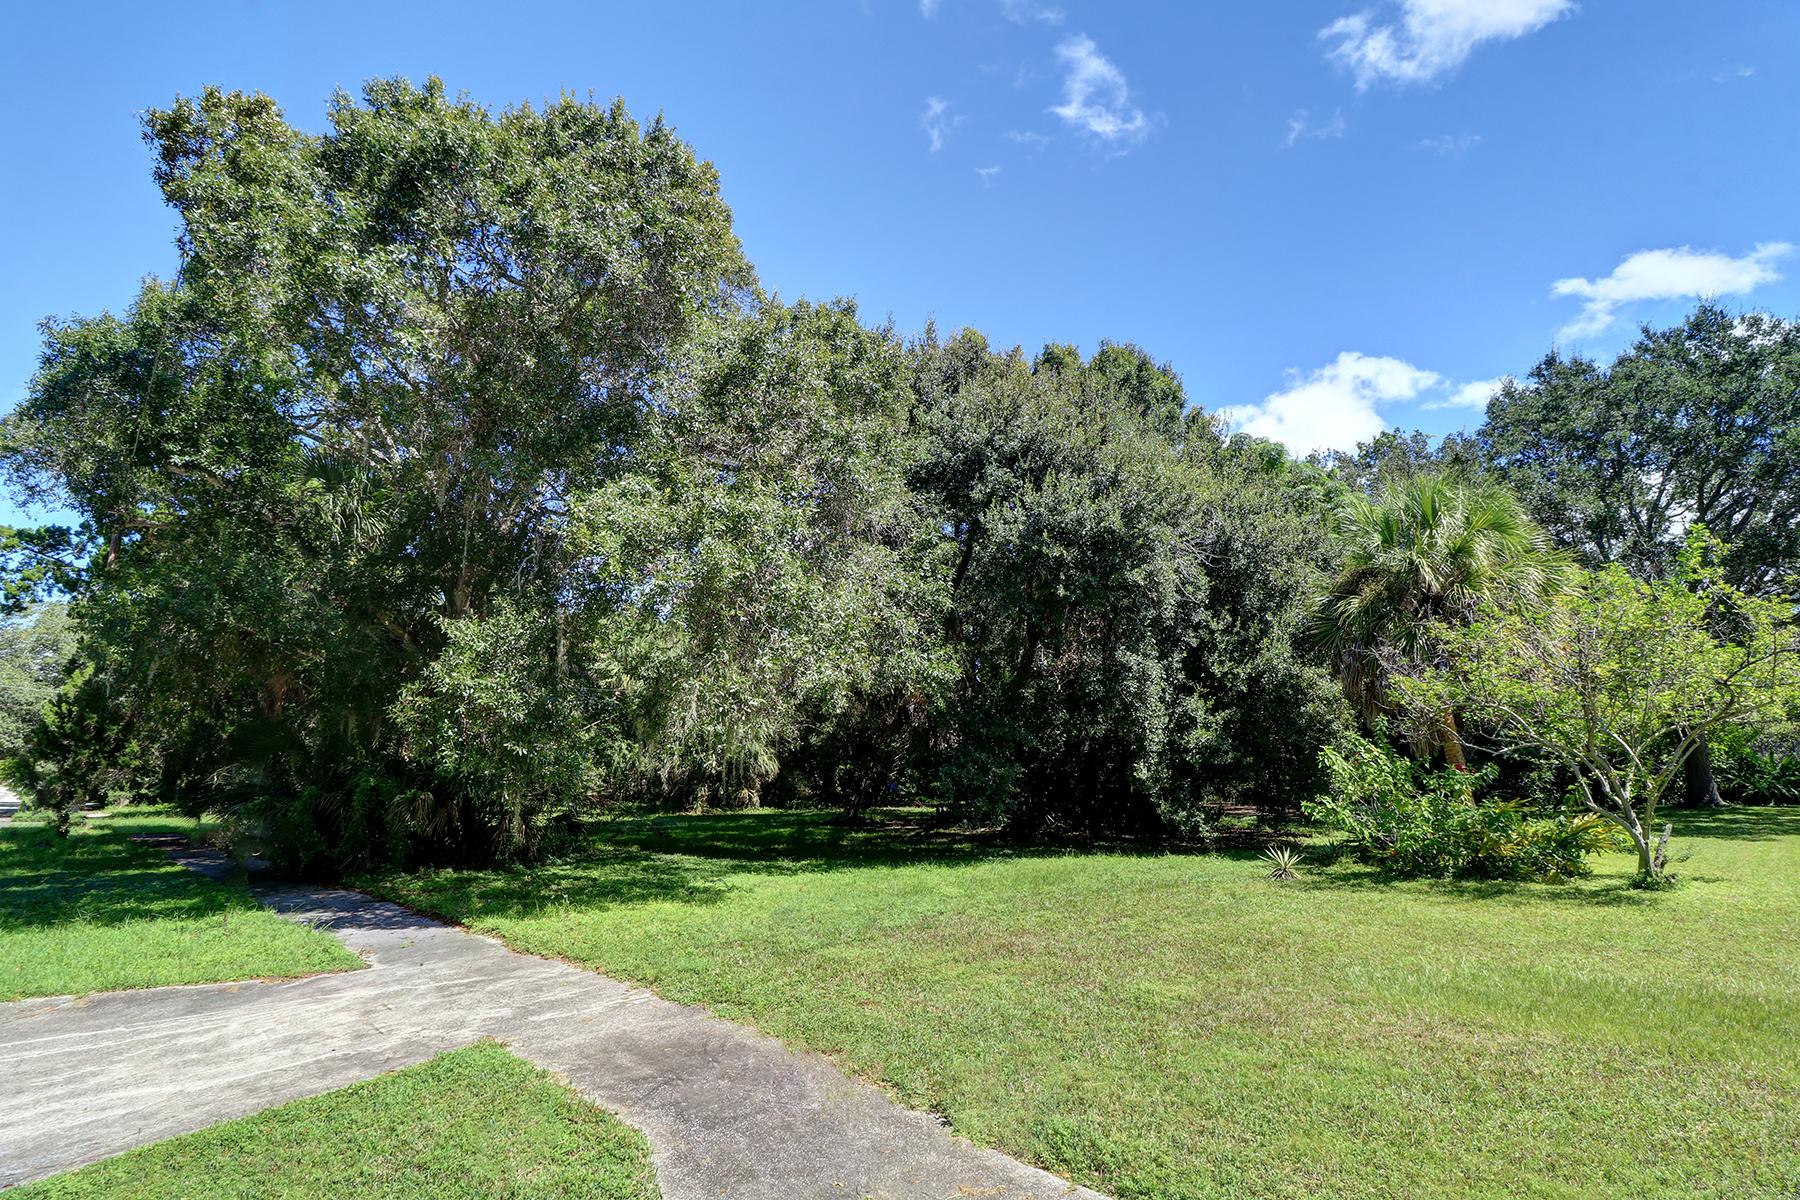 Terreno per Vendita alle ore GULFPORT 0 Quincy St S 49 Gulfport, Florida, 33711 Stati Uniti